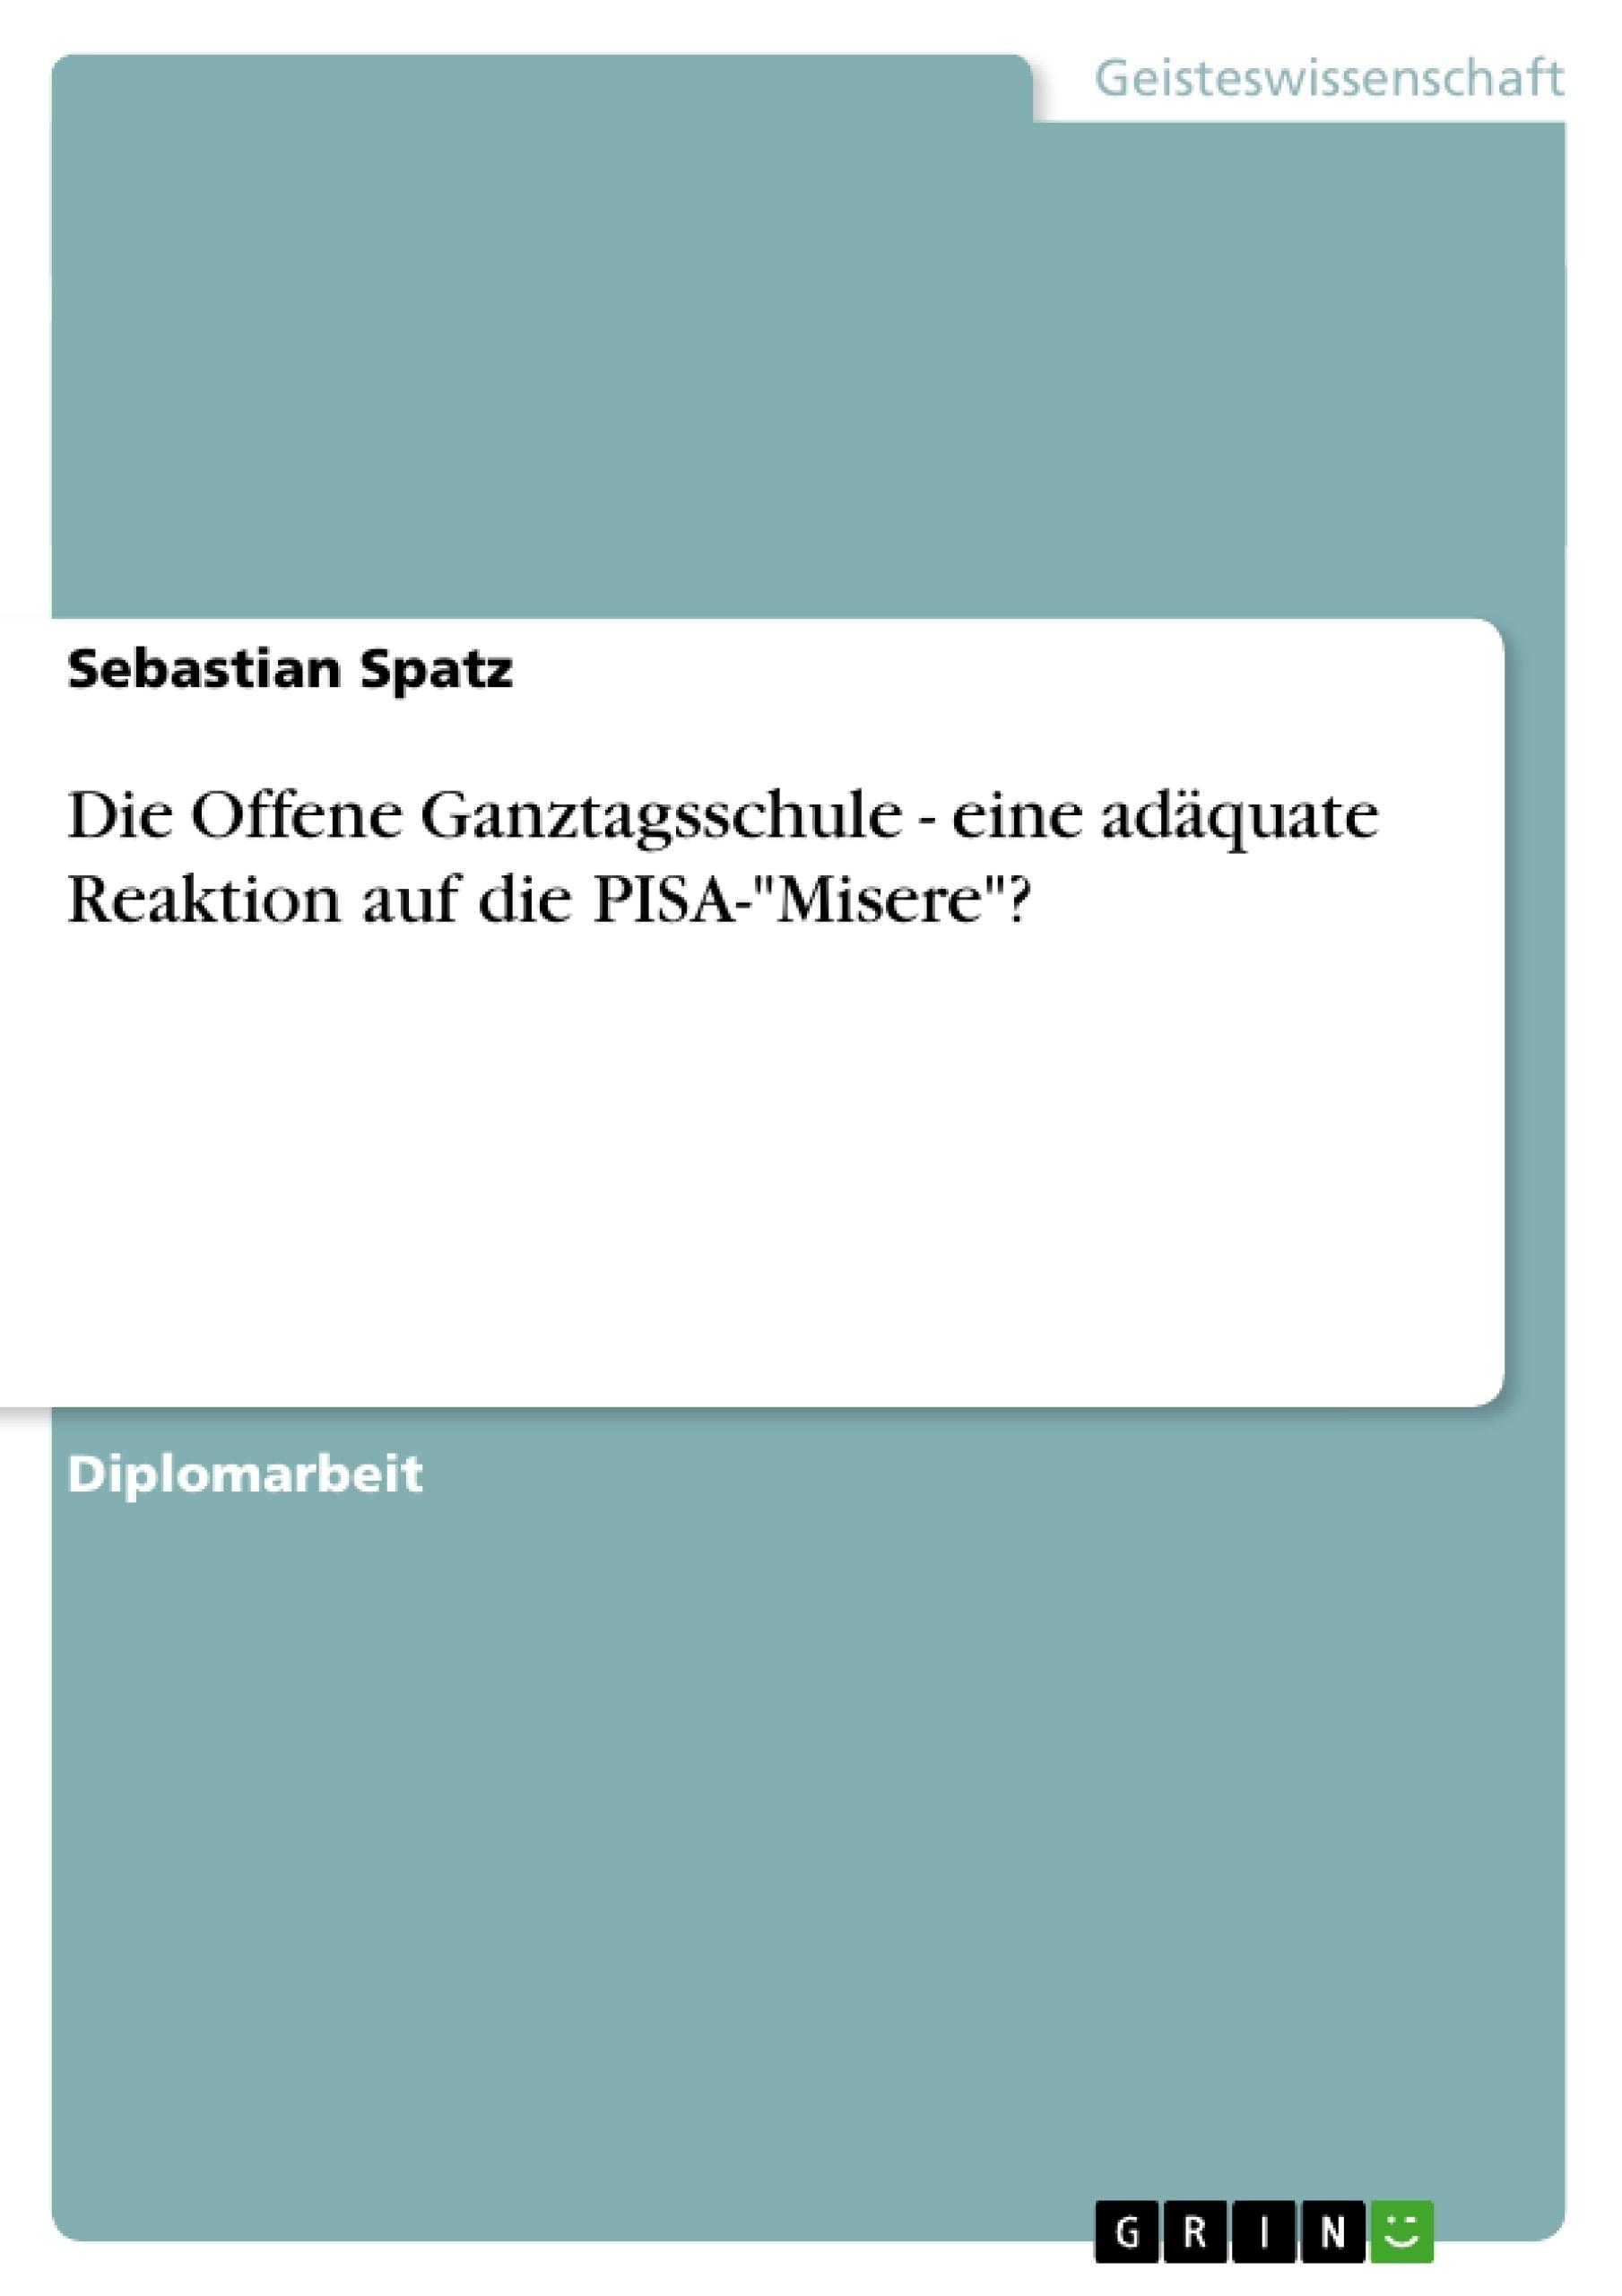 """Titel: Die Offene Ganztagsschule - eine adäquate Reaktion auf die PISA-""""Misere""""?"""